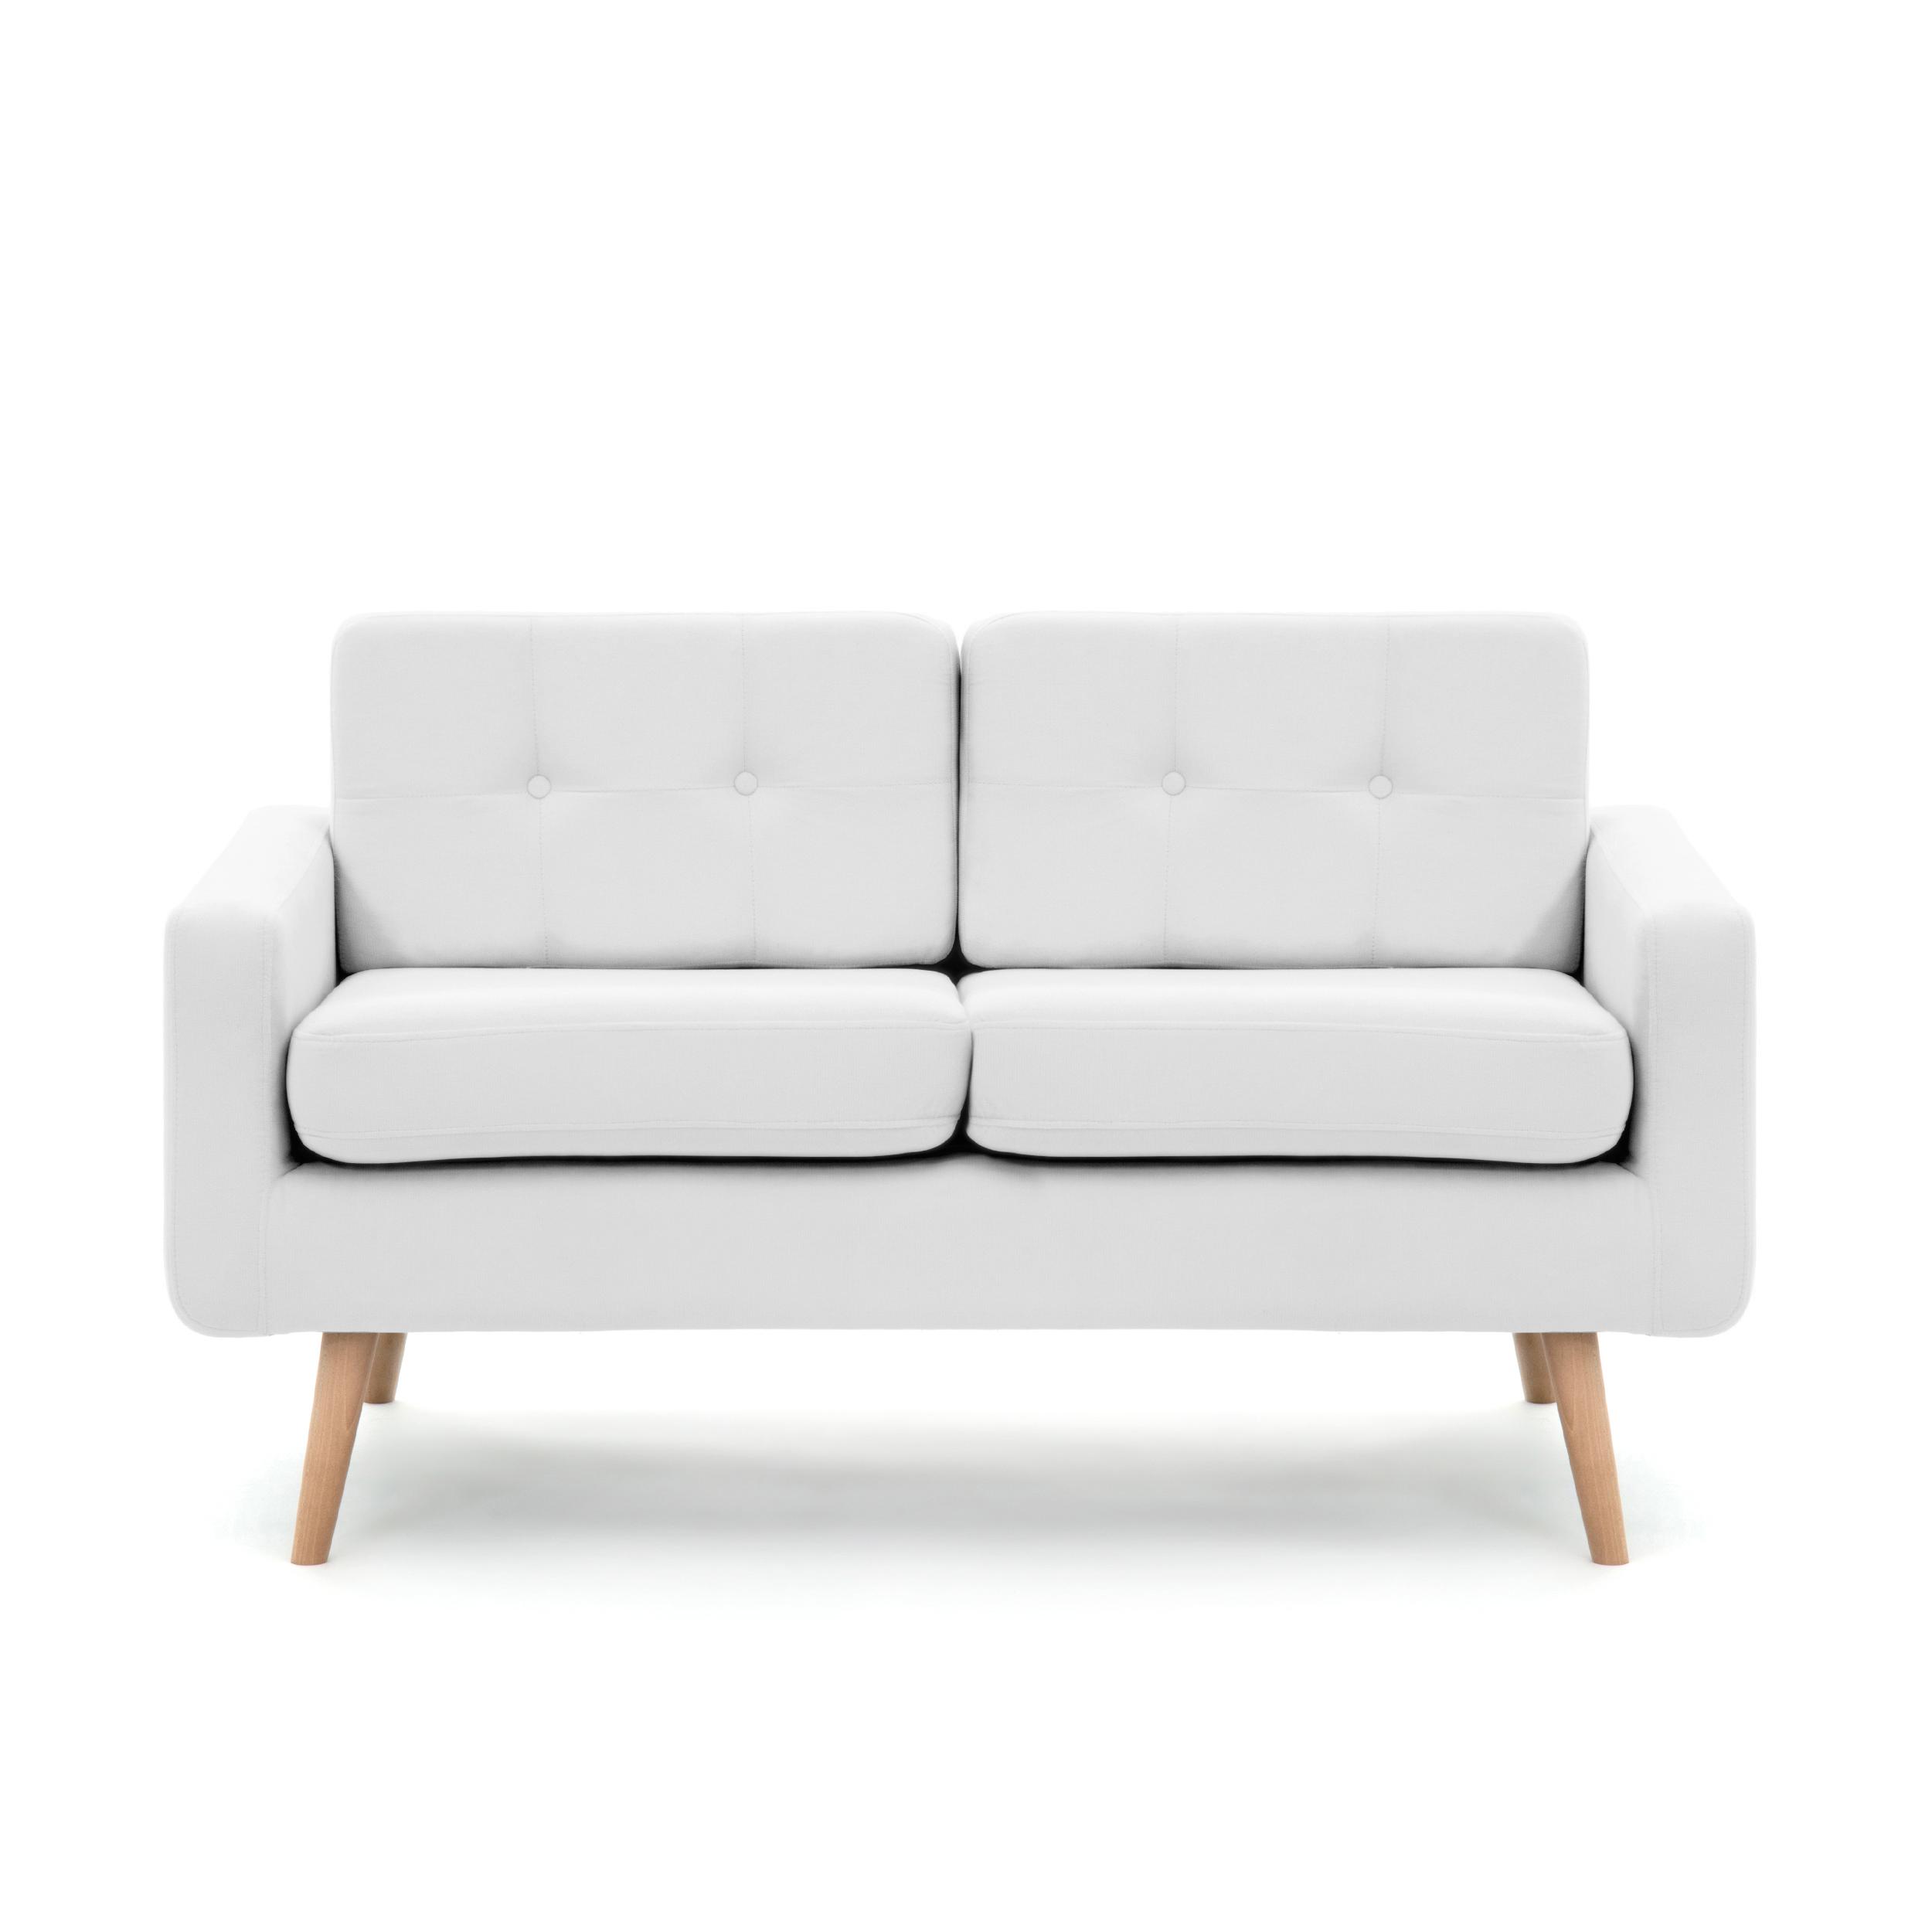 Canapea Fixa 2 locuri Ina Light Grey